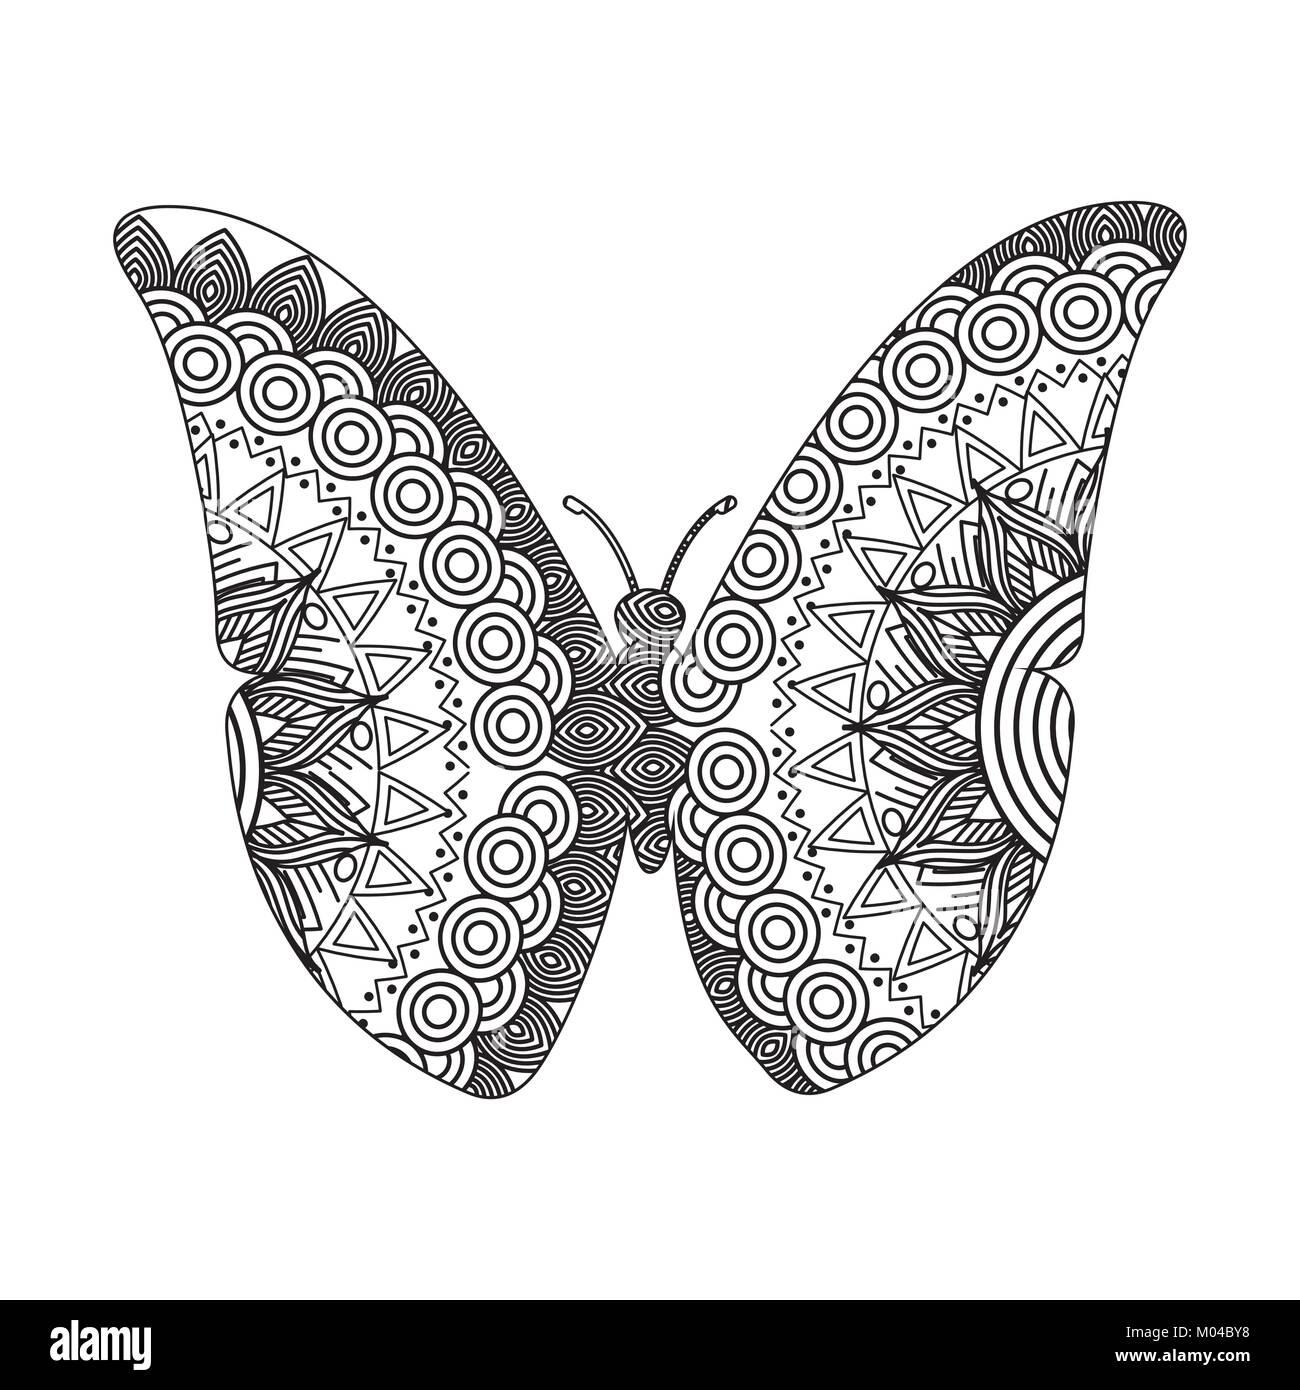 Butterfly Cartoon Drawing Imágenes De Stock & Butterfly Cartoon ...